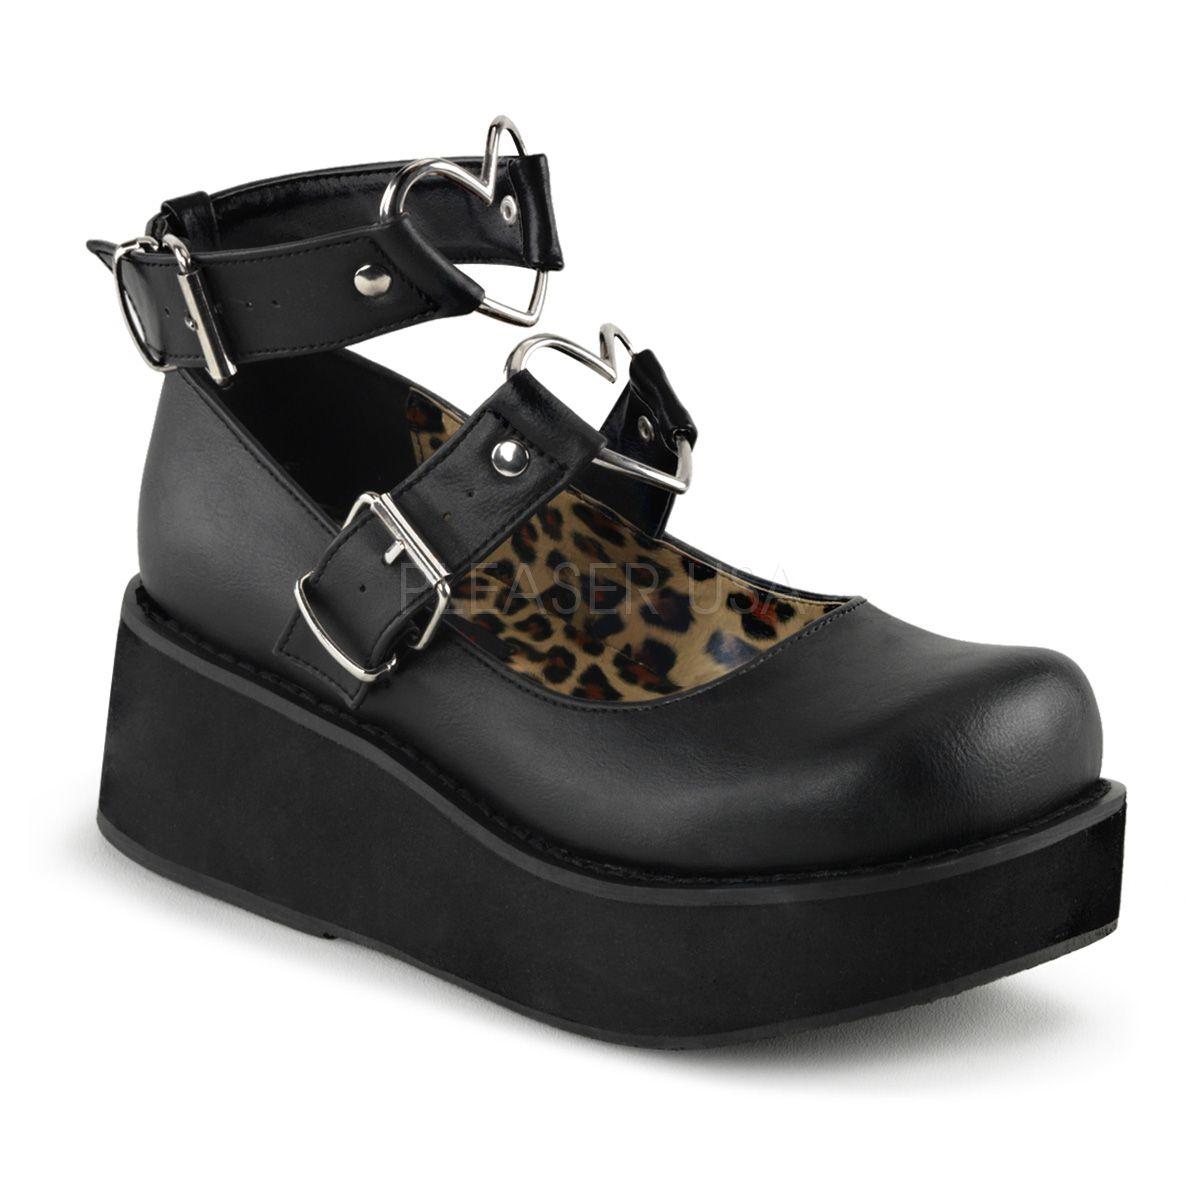 Sapato Sprite 02 - Demonia (encomenda)